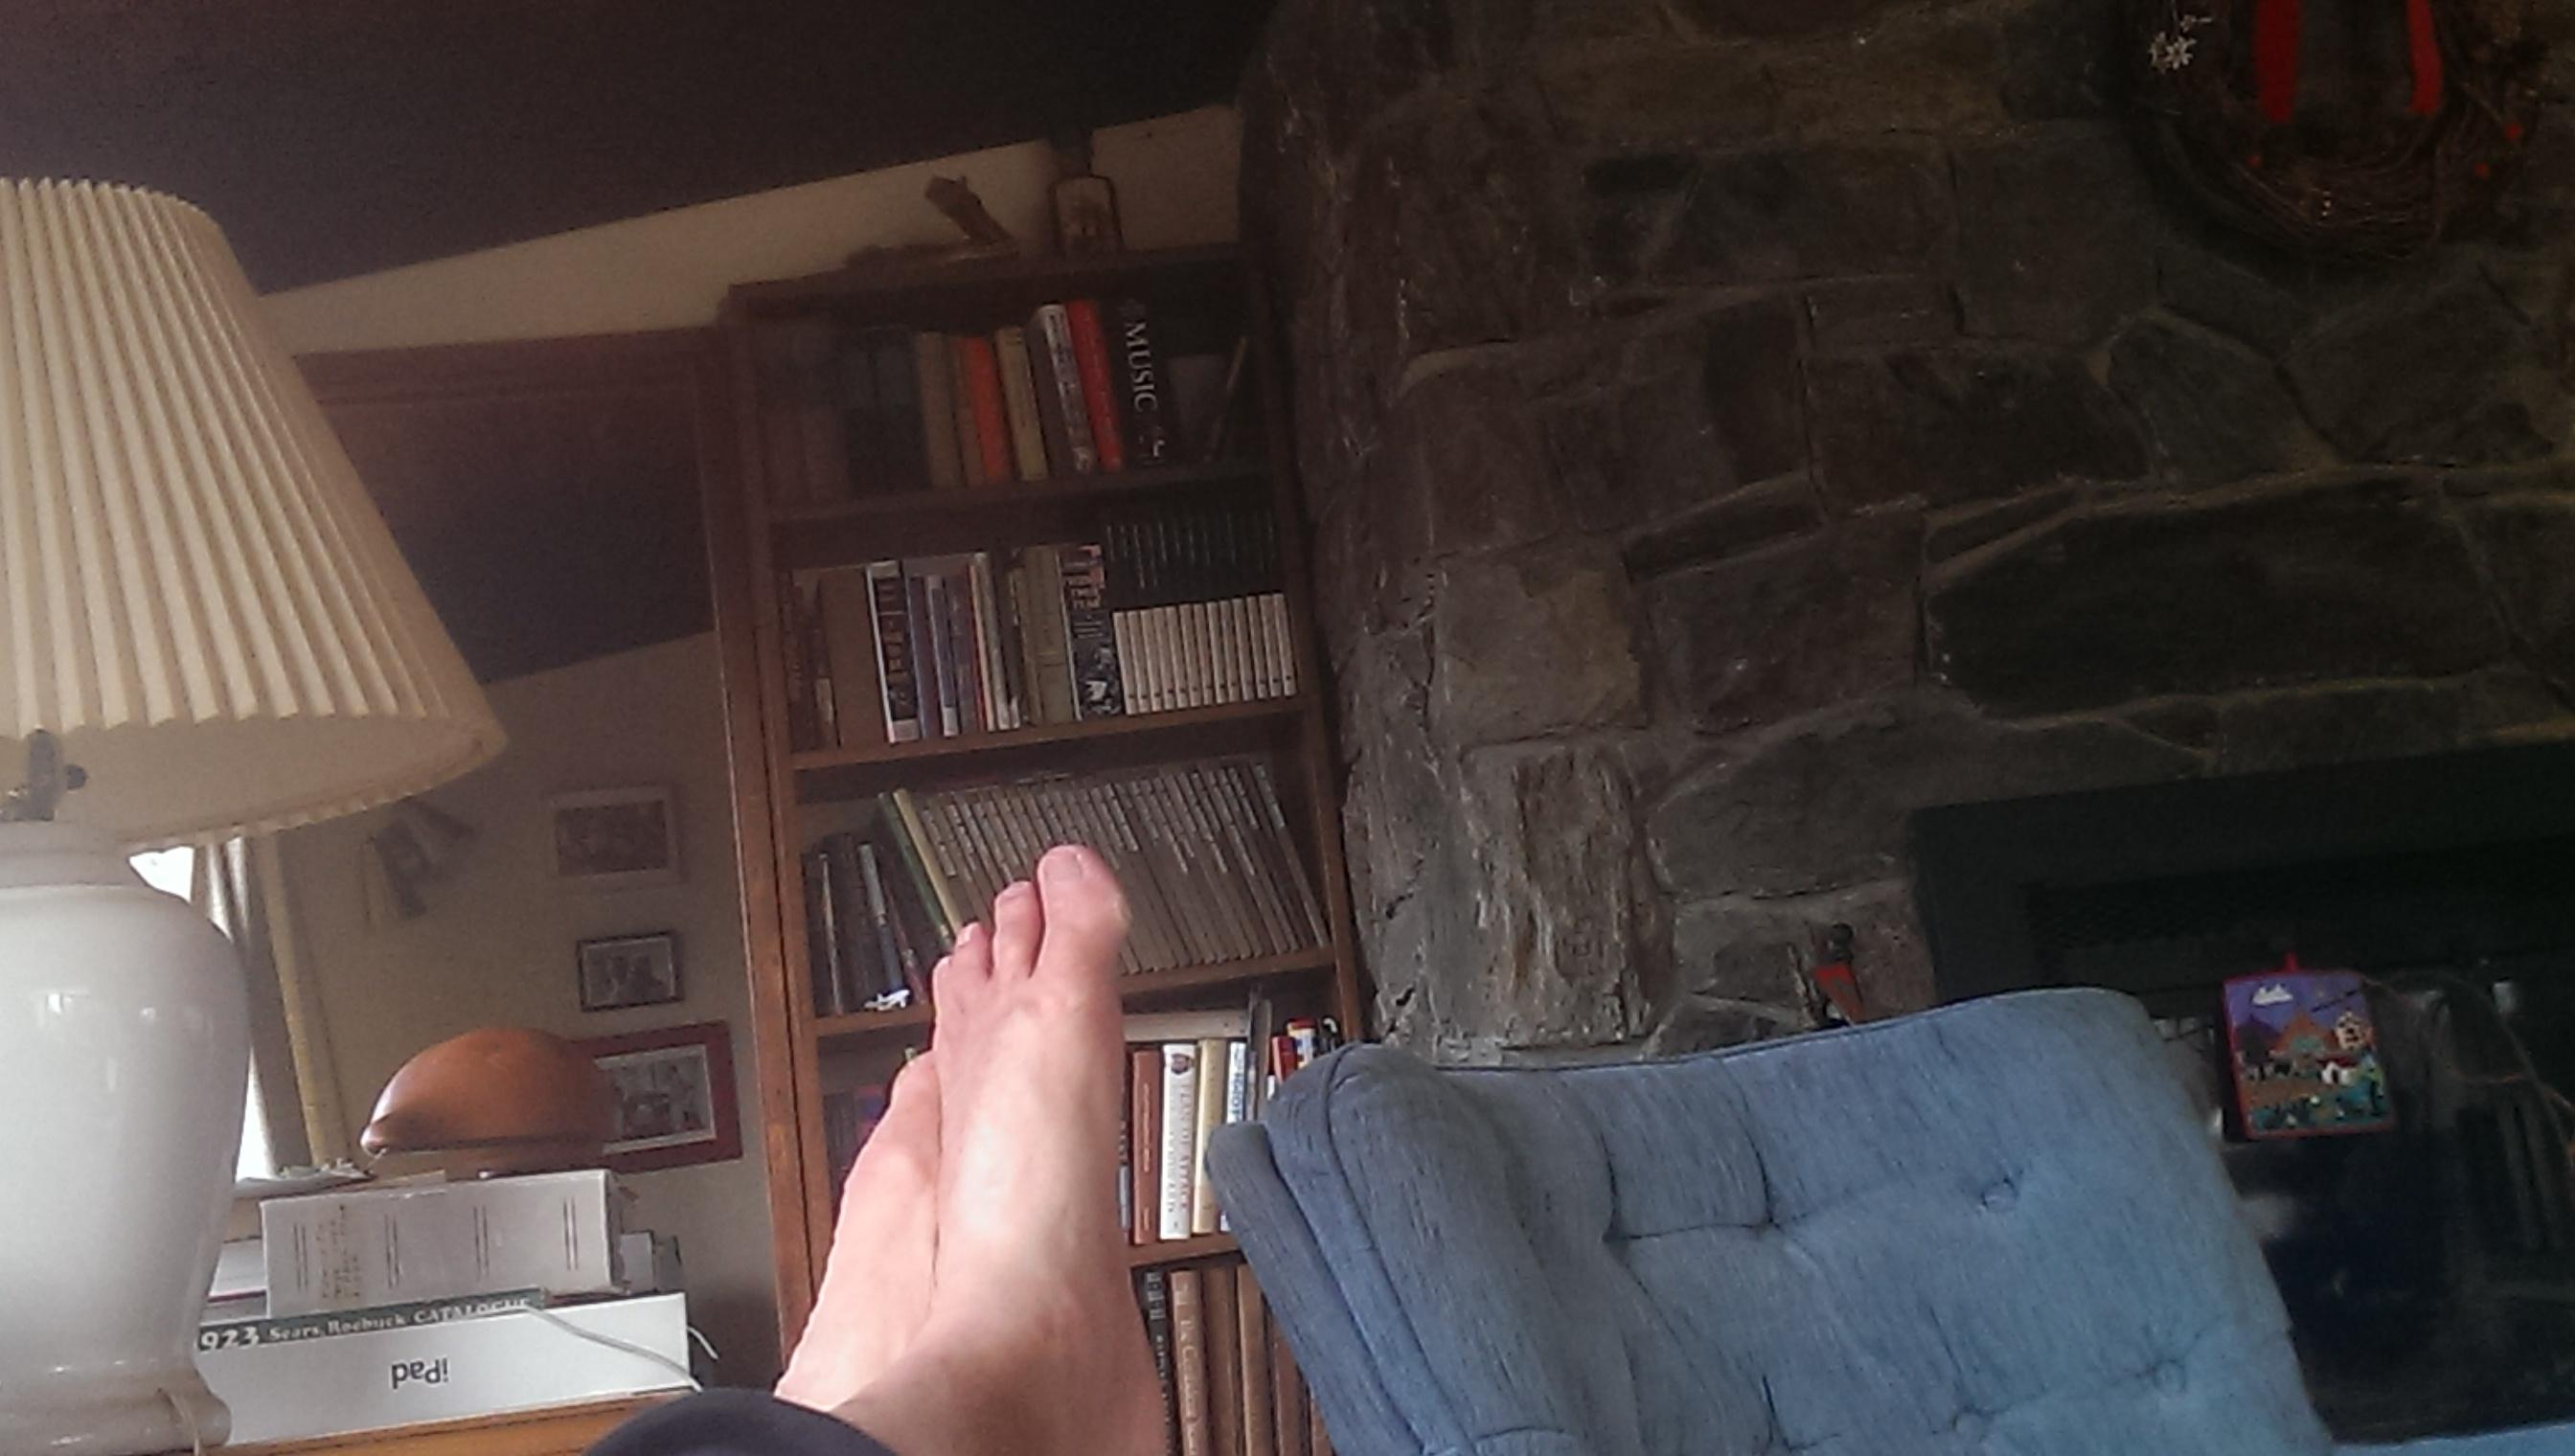 Brian's feet